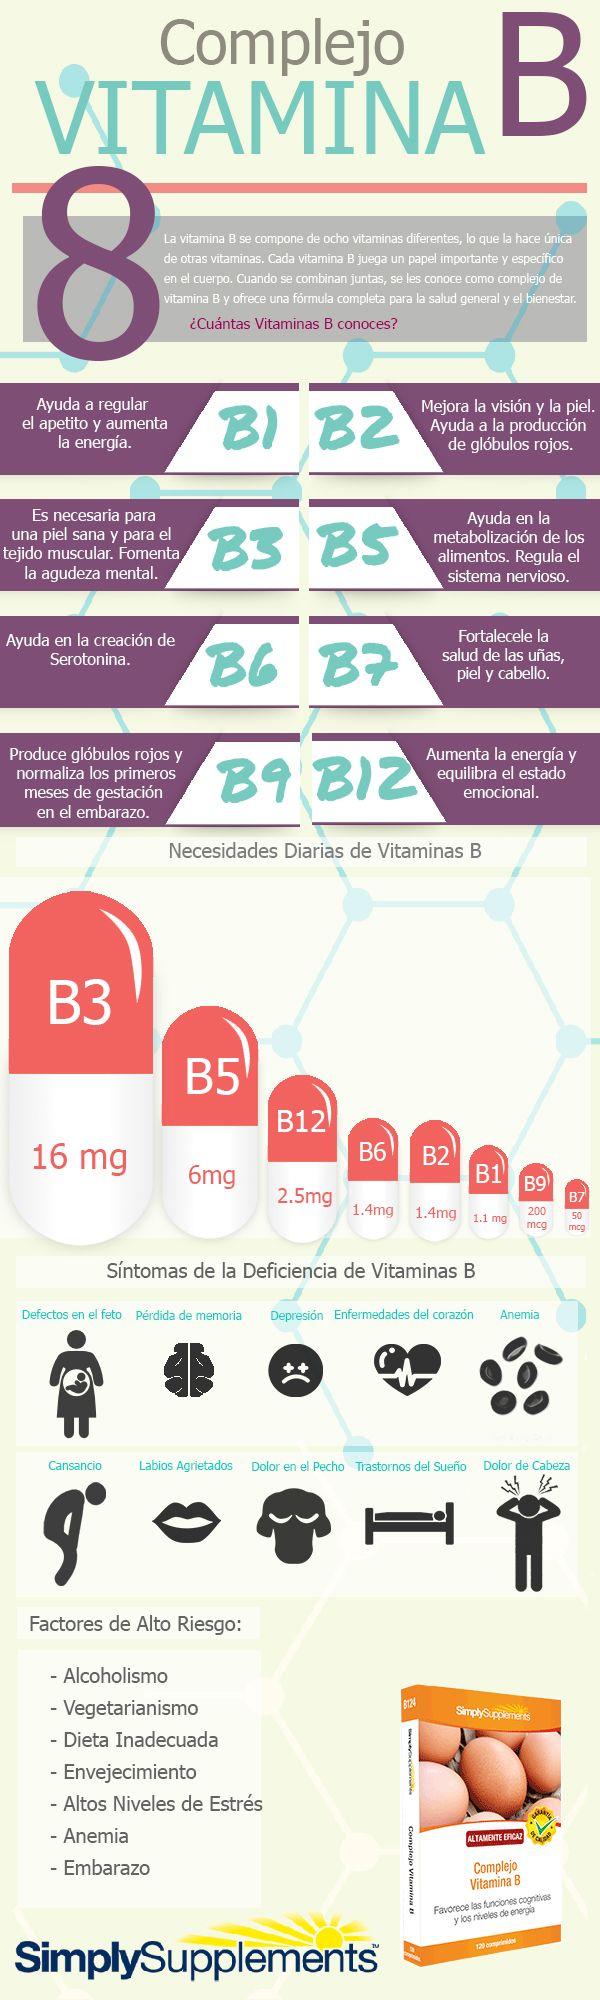 El consumo de vitamina B disminuye el riesgo de sufrir dolores de cabeza